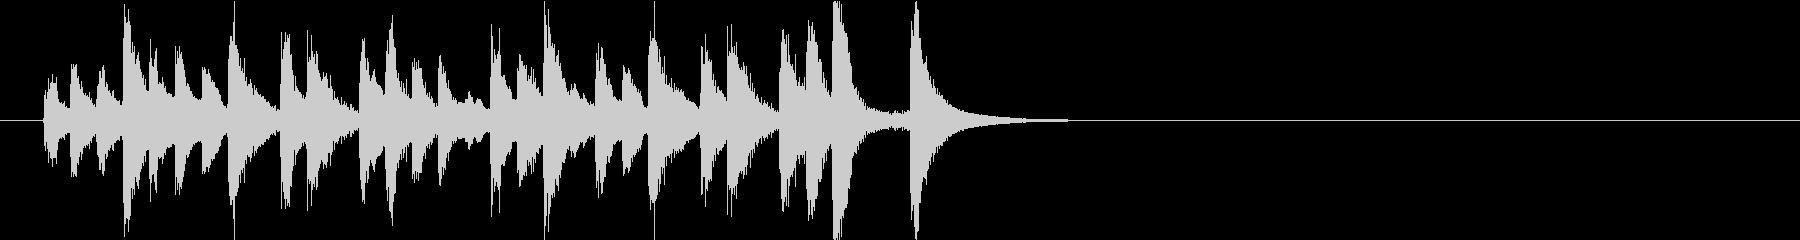 キラキラして可愛いピチカートジングルの未再生の波形